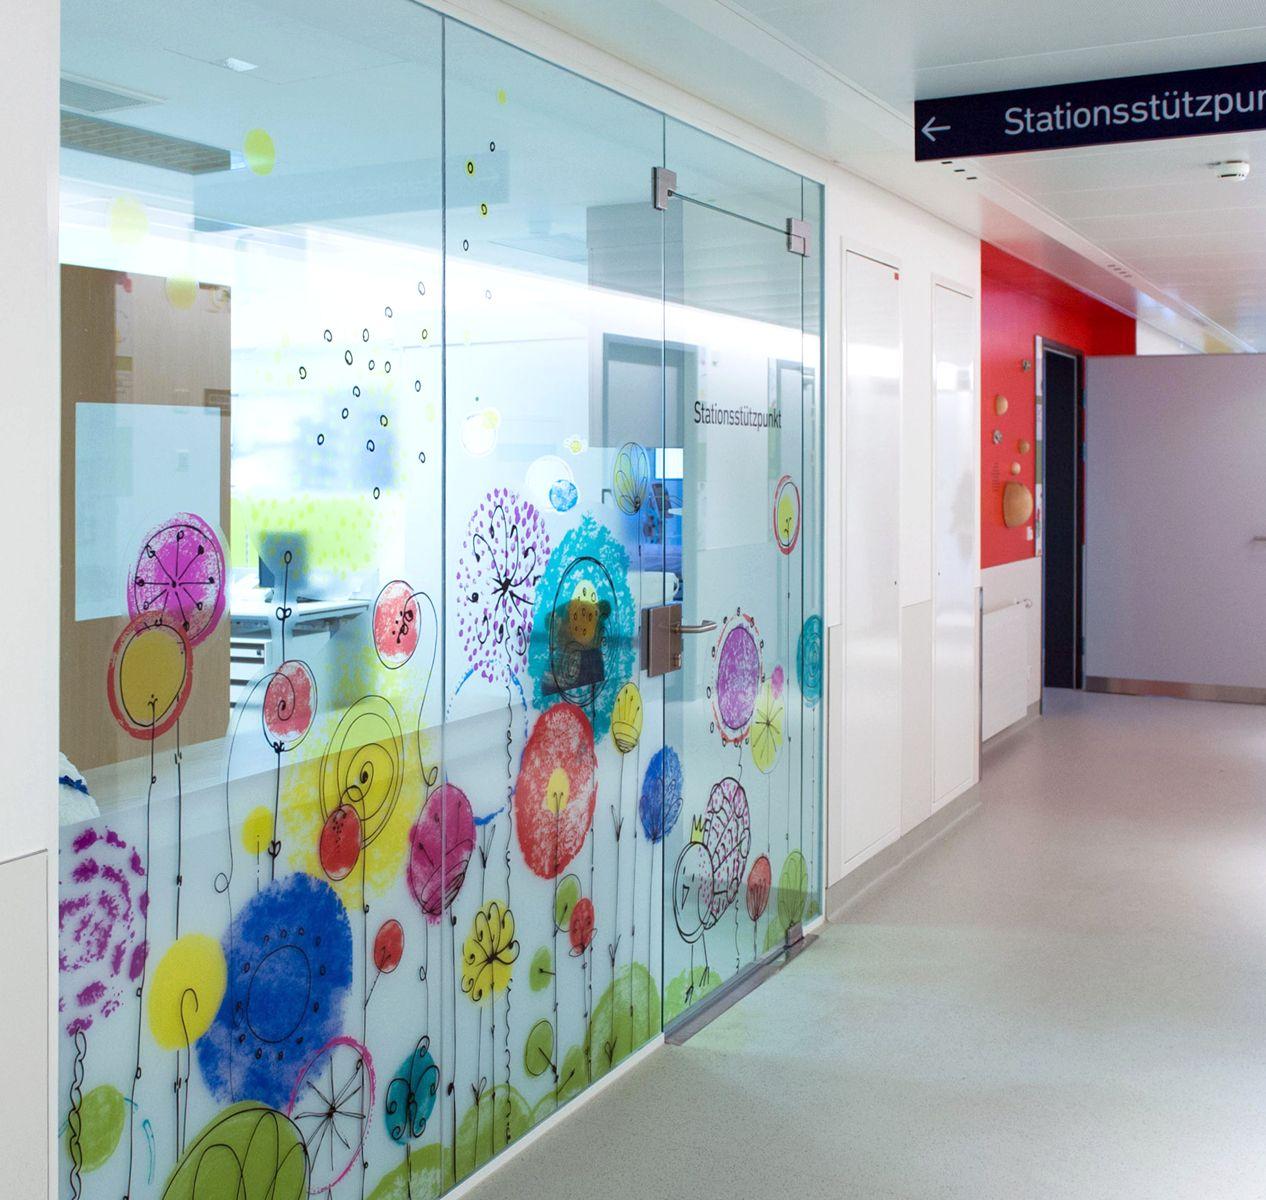 Wunderbar Wand  Und Deckengestaltung Intensivstation Für Kinder Und Jugendliche /  Neonatologie, LKH Leoben